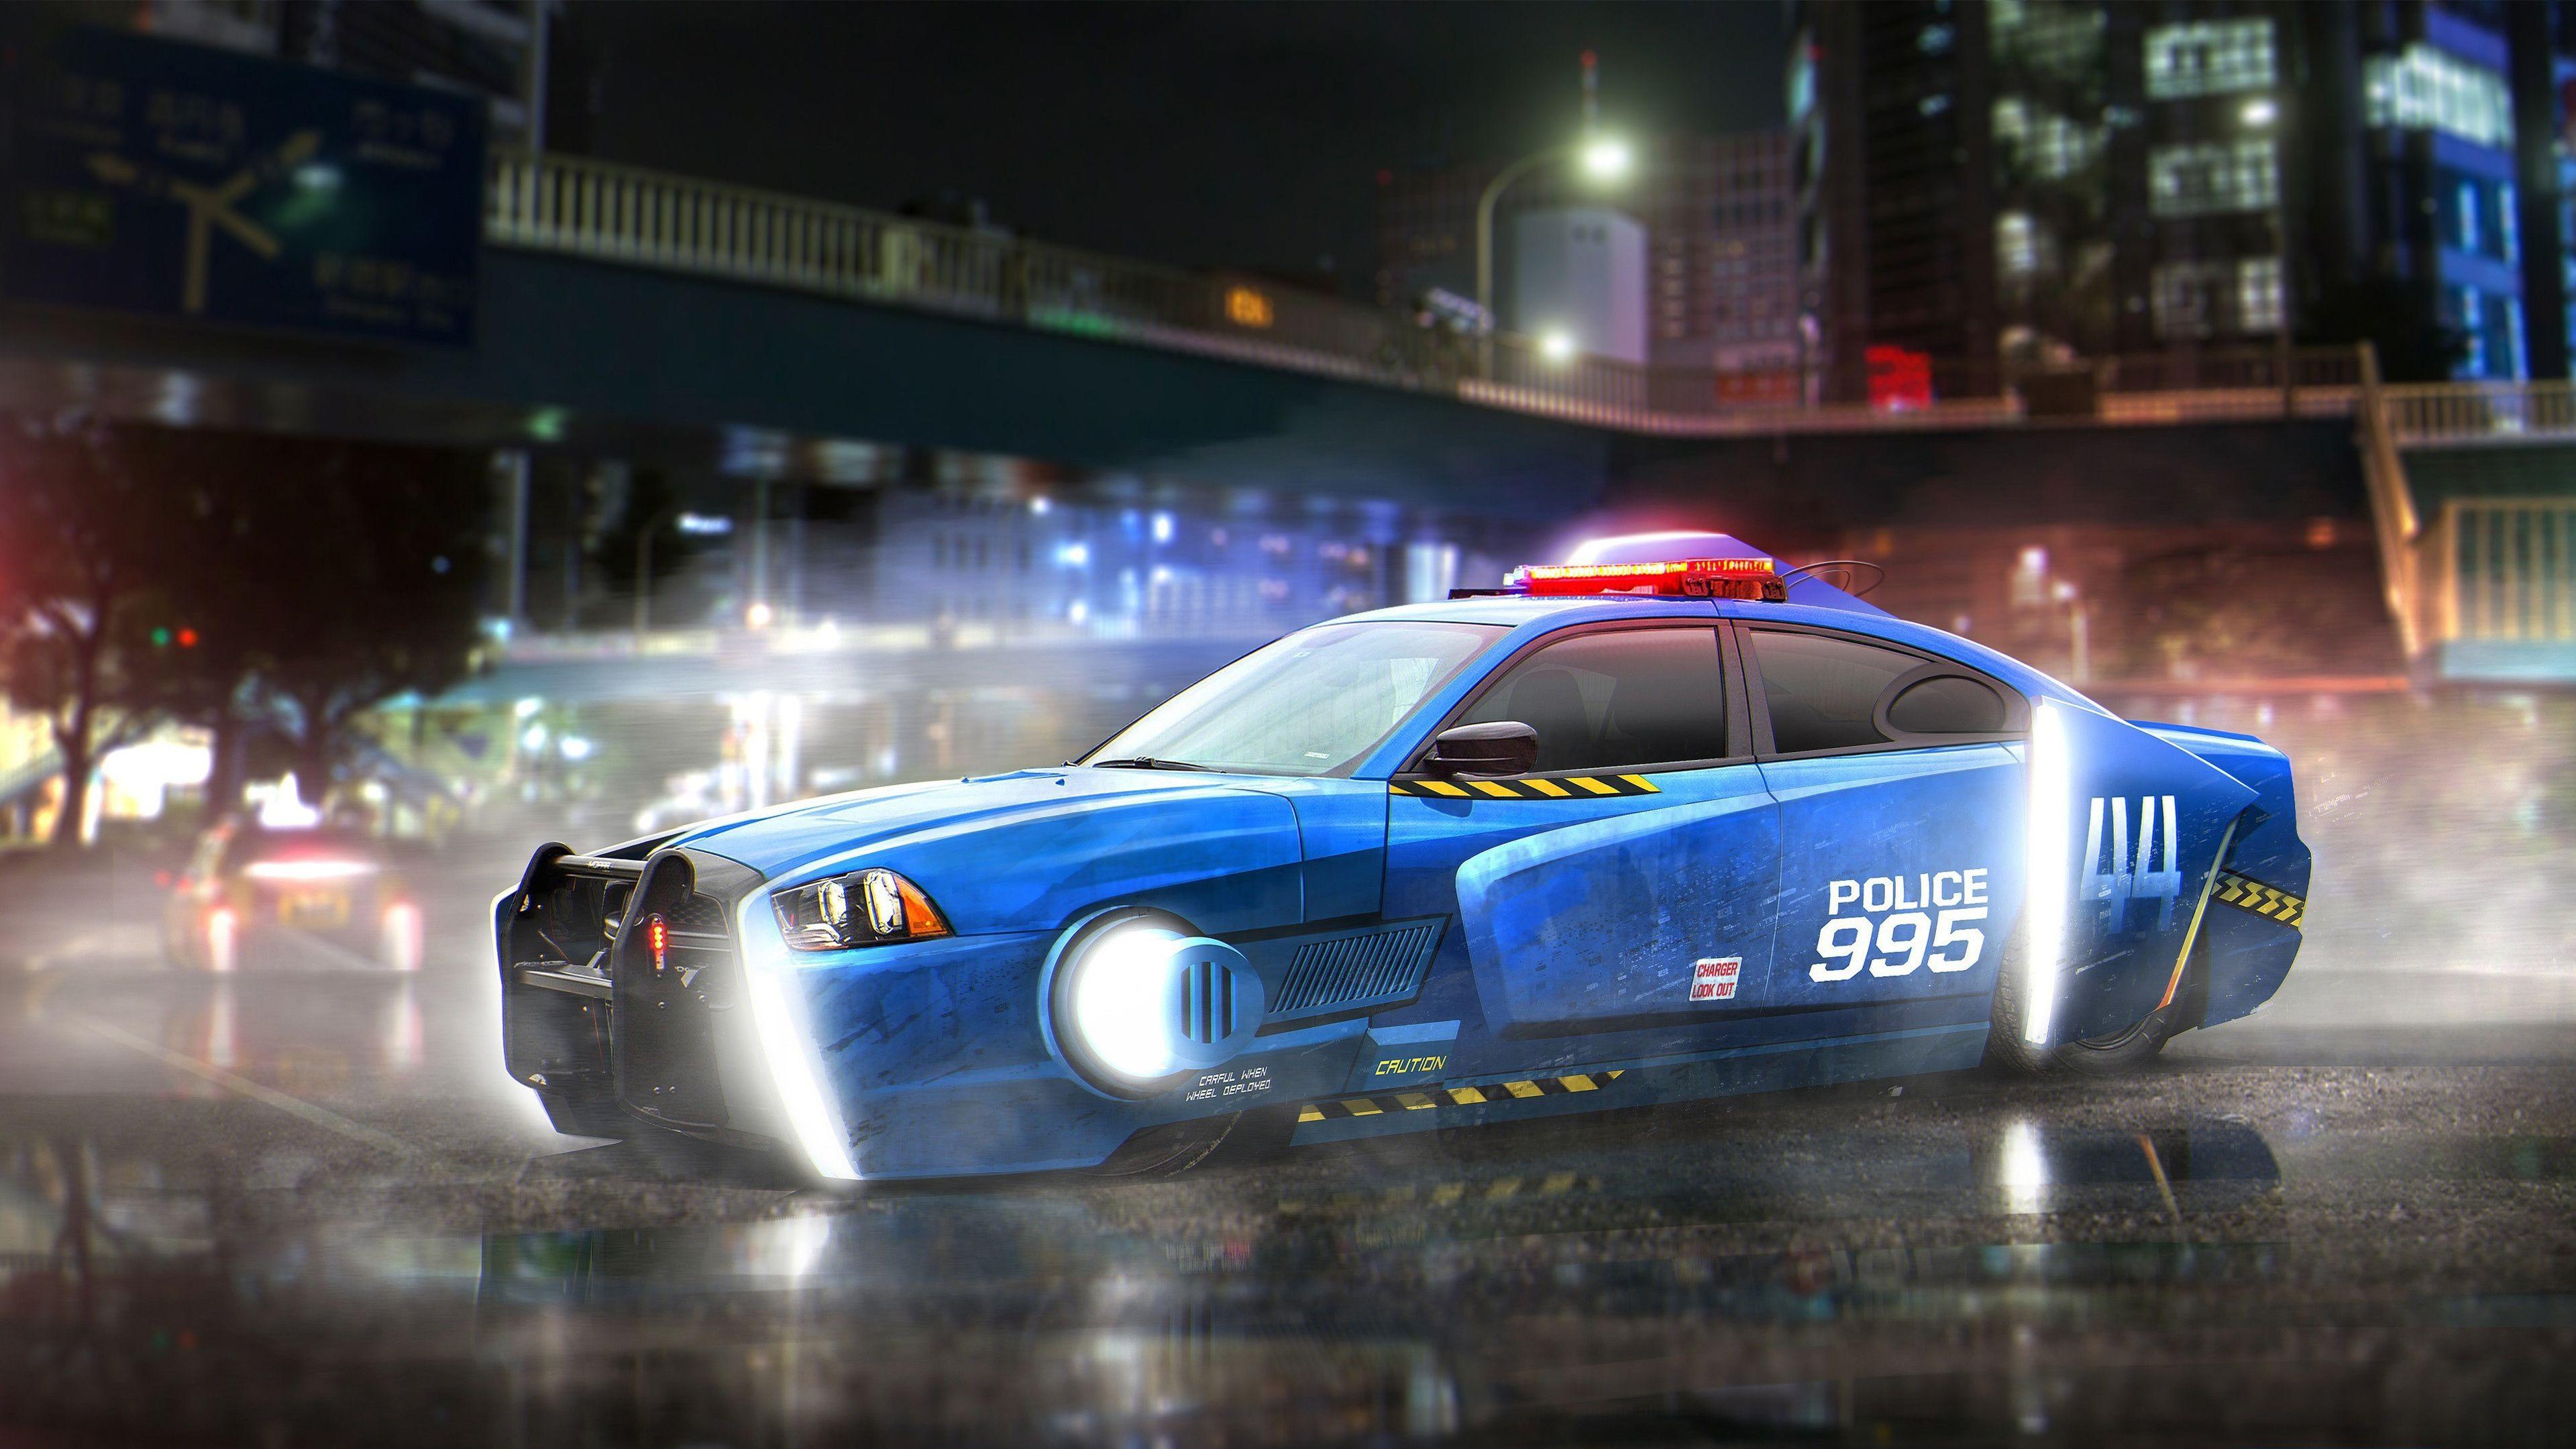 Blade Runner Police Car Spinner Sci Fi Futuristic Artwork Police Cars Blade Runner Police